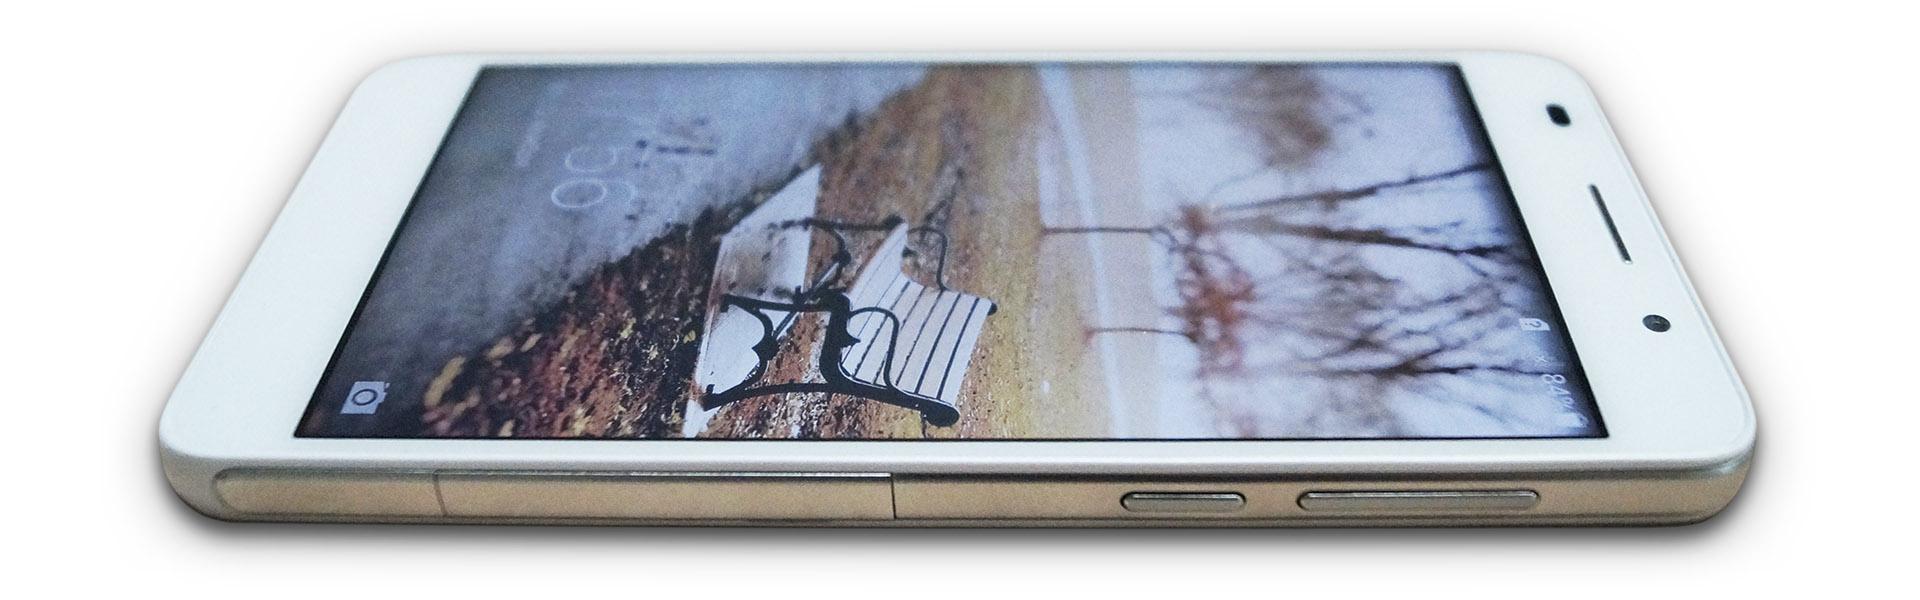 Huawei-Honor-6-v-obzore